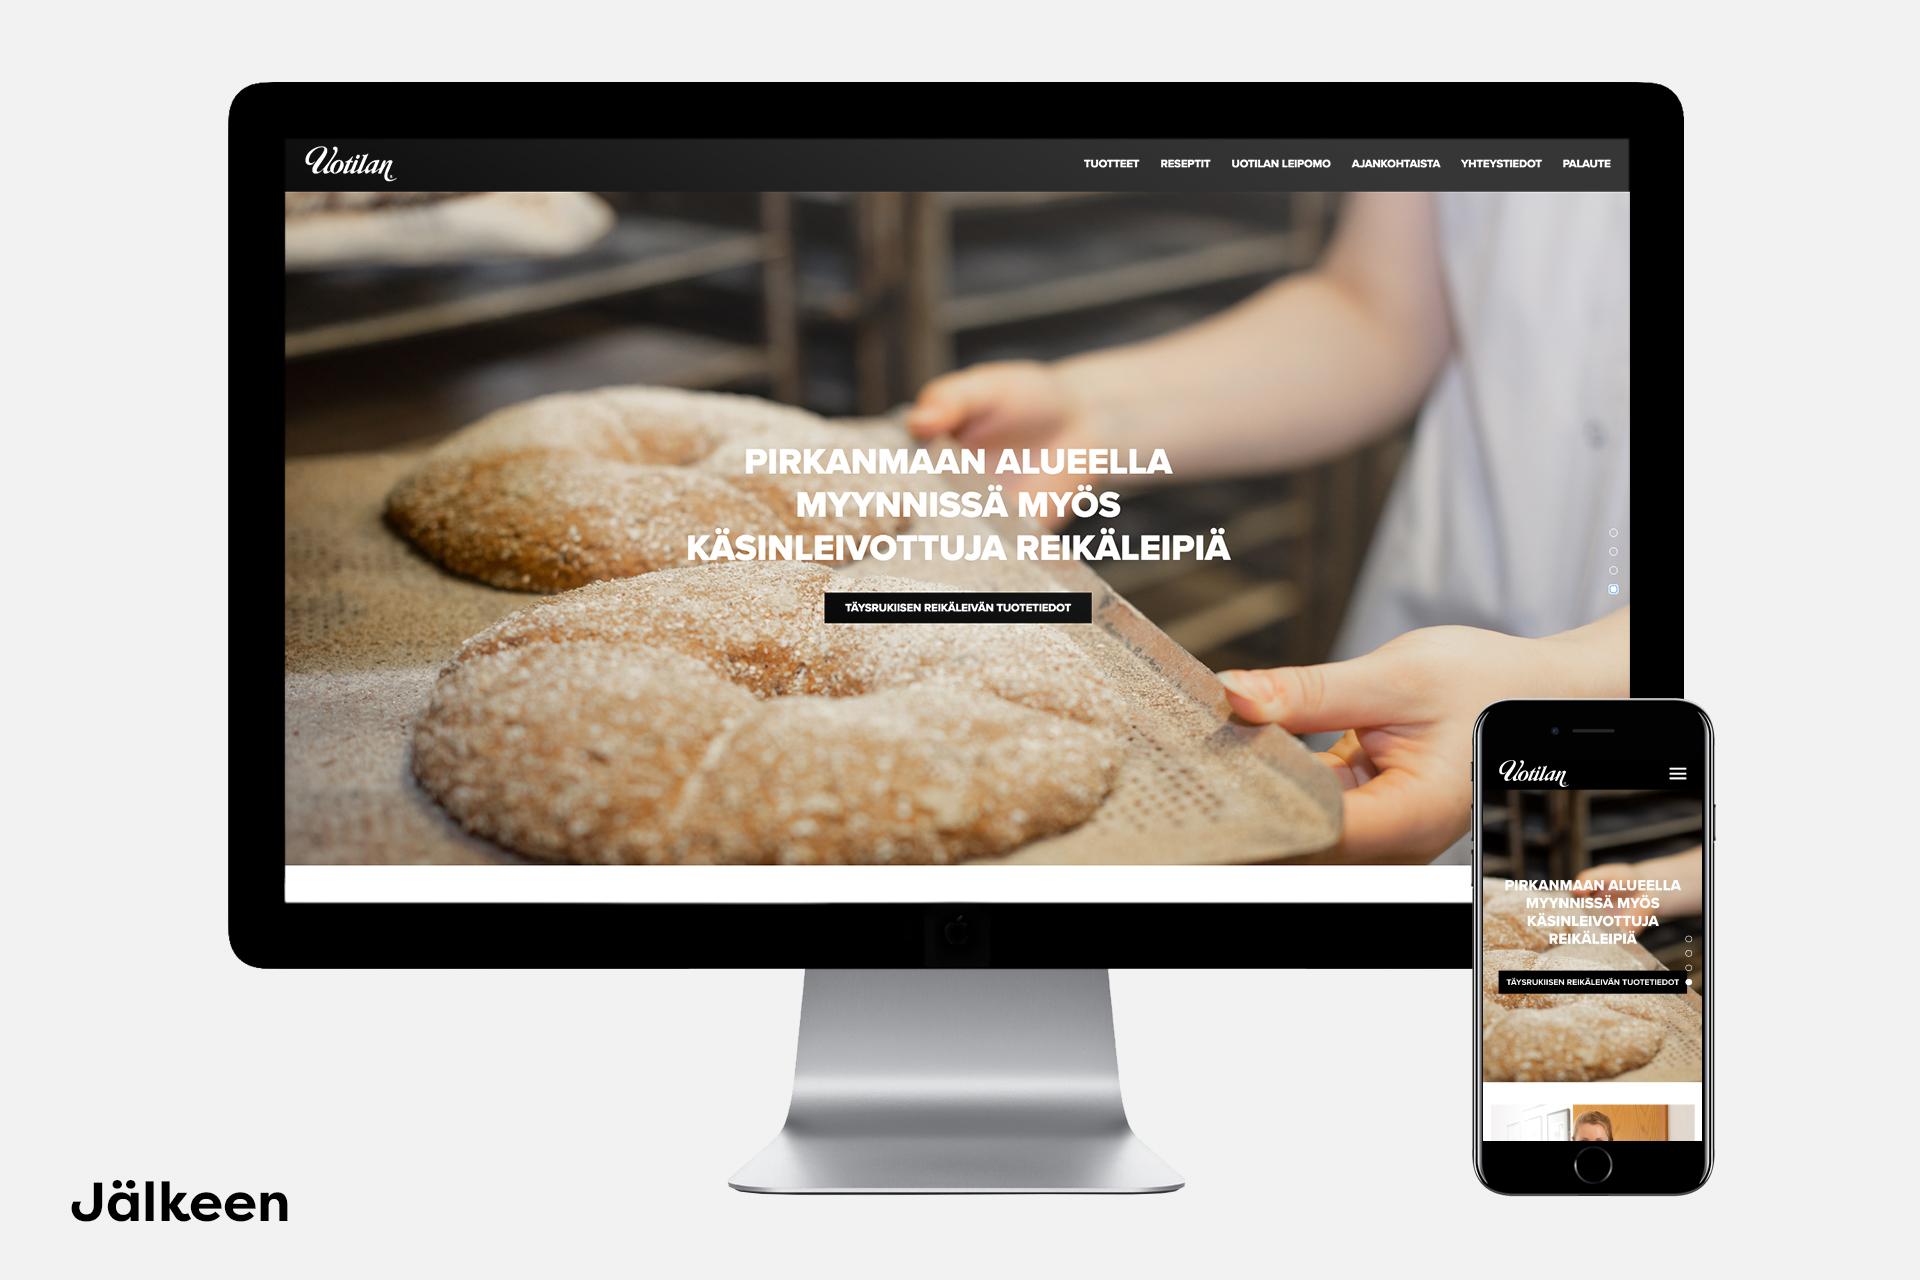 Uotilan leipomo casekuva uudet verkkosivut